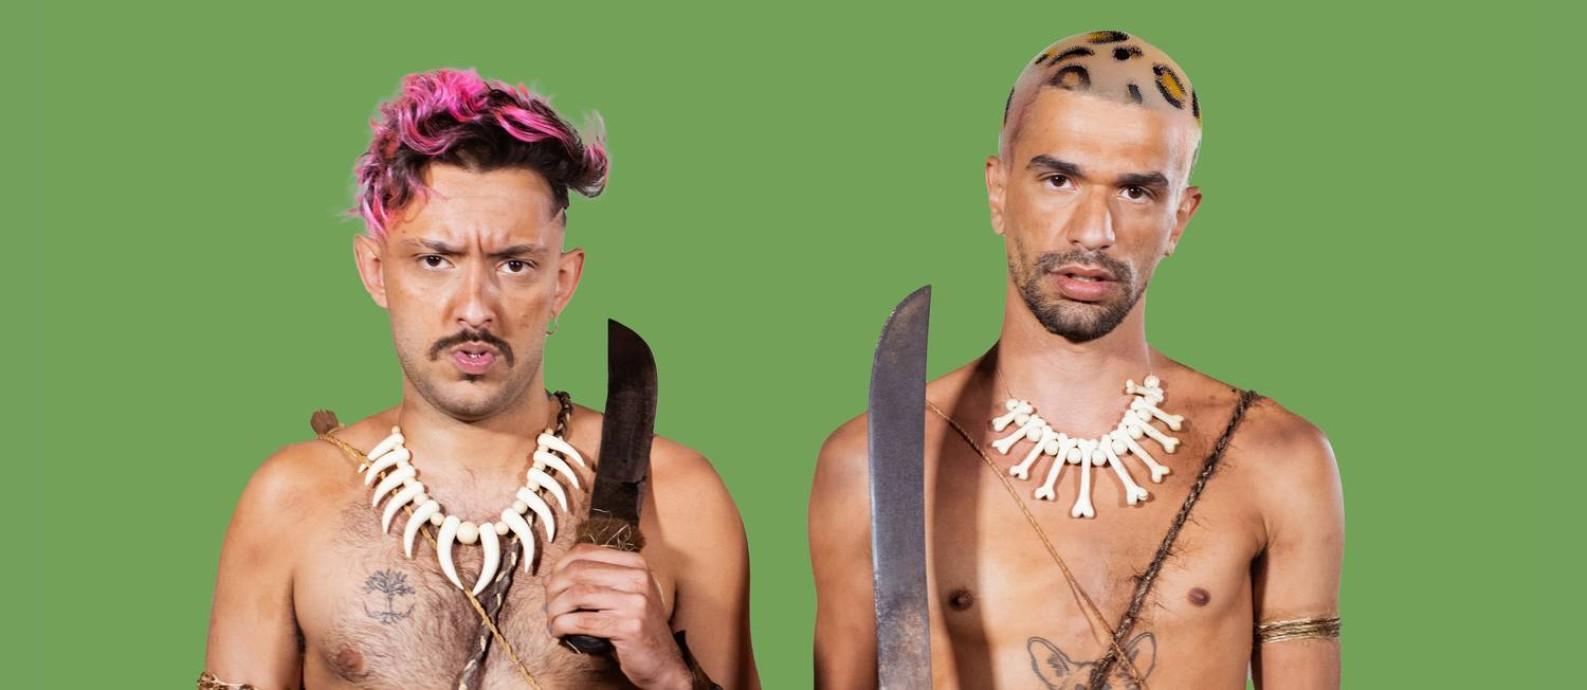 Os rappers mineiros Hot (à esq.) e Oreia Foto: Divulgação